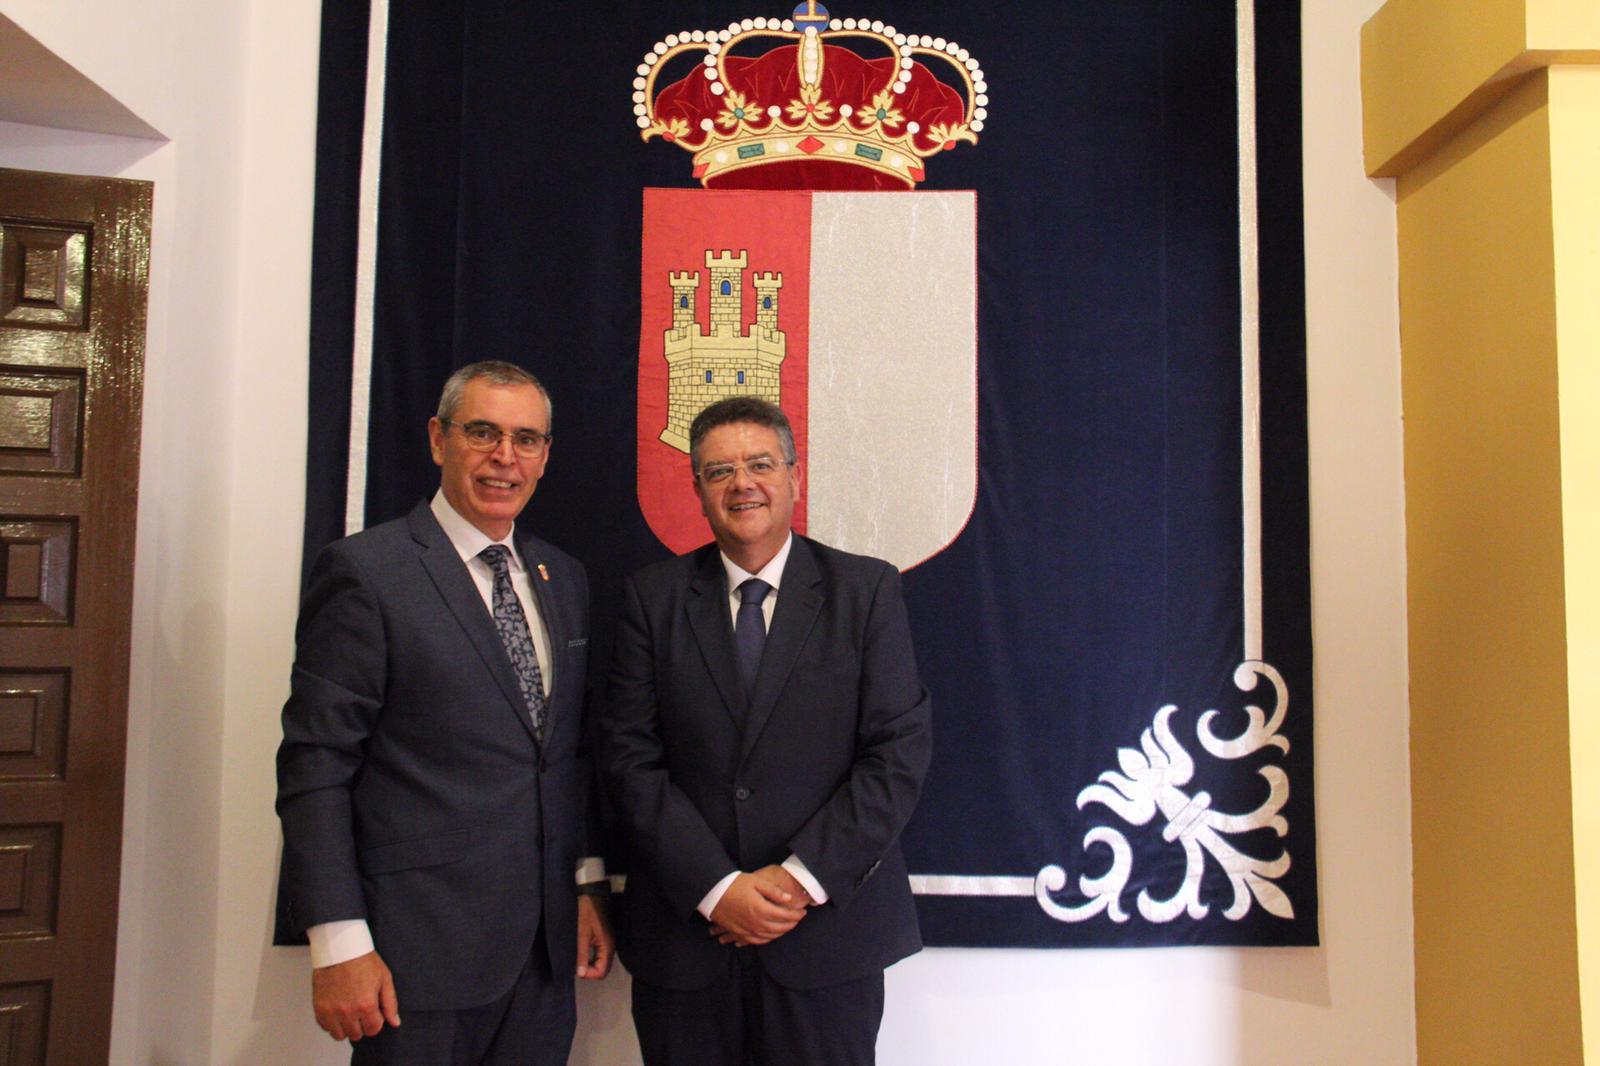 Los diputados del PP por Albacete en el Grupo Popular de las Cortes regionales se integran en las diferentes Comisiones de la Cámara